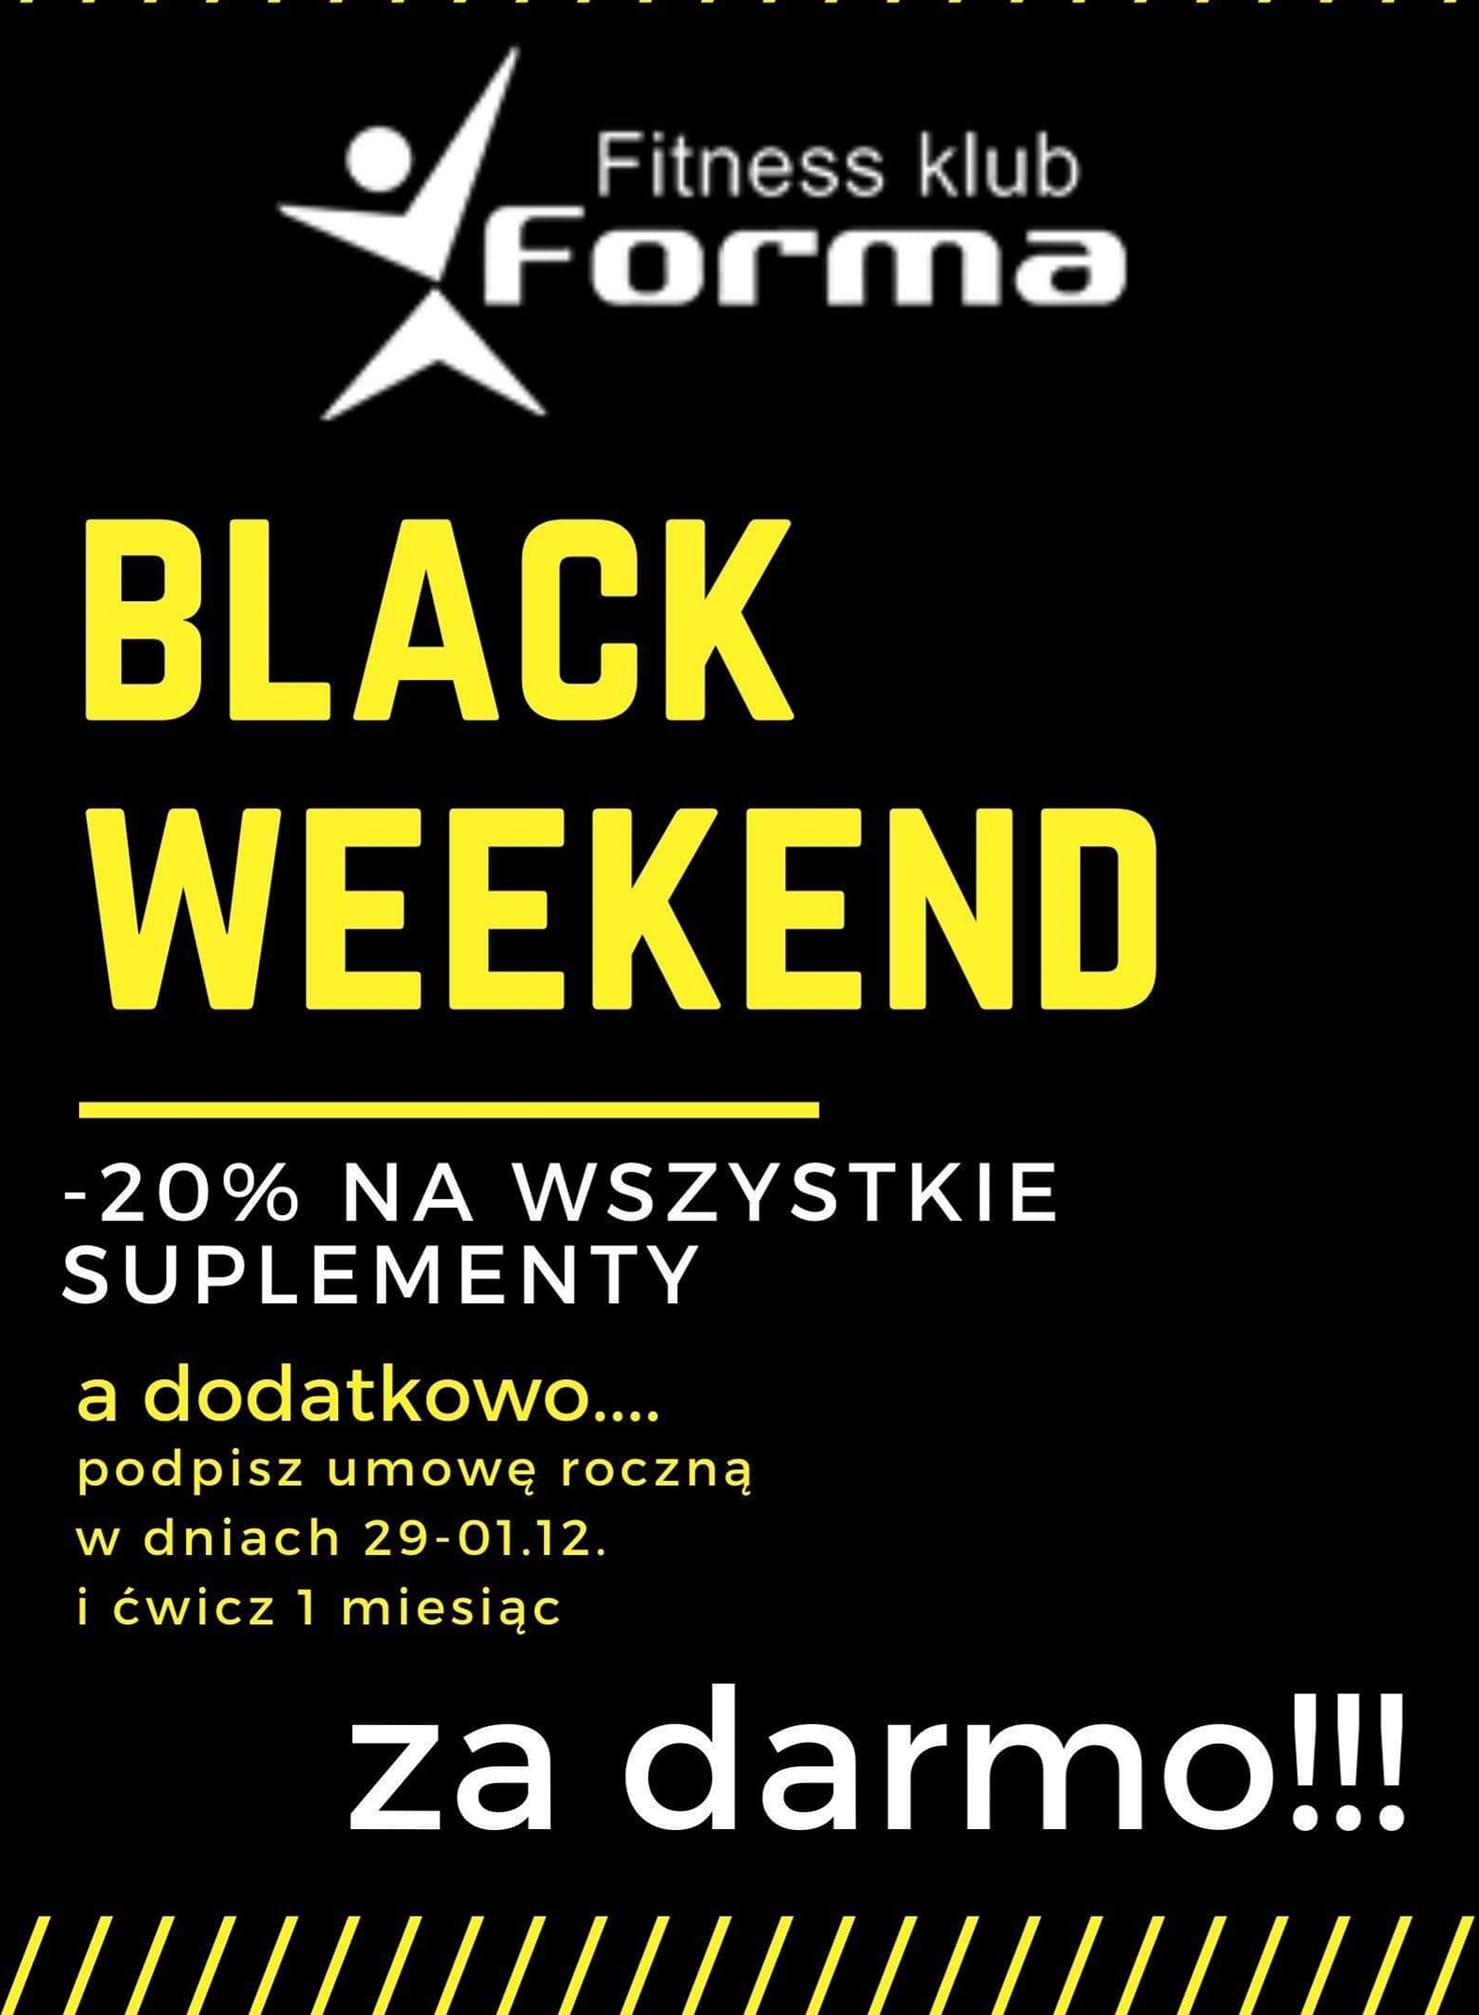 BLACK WEEKEND !